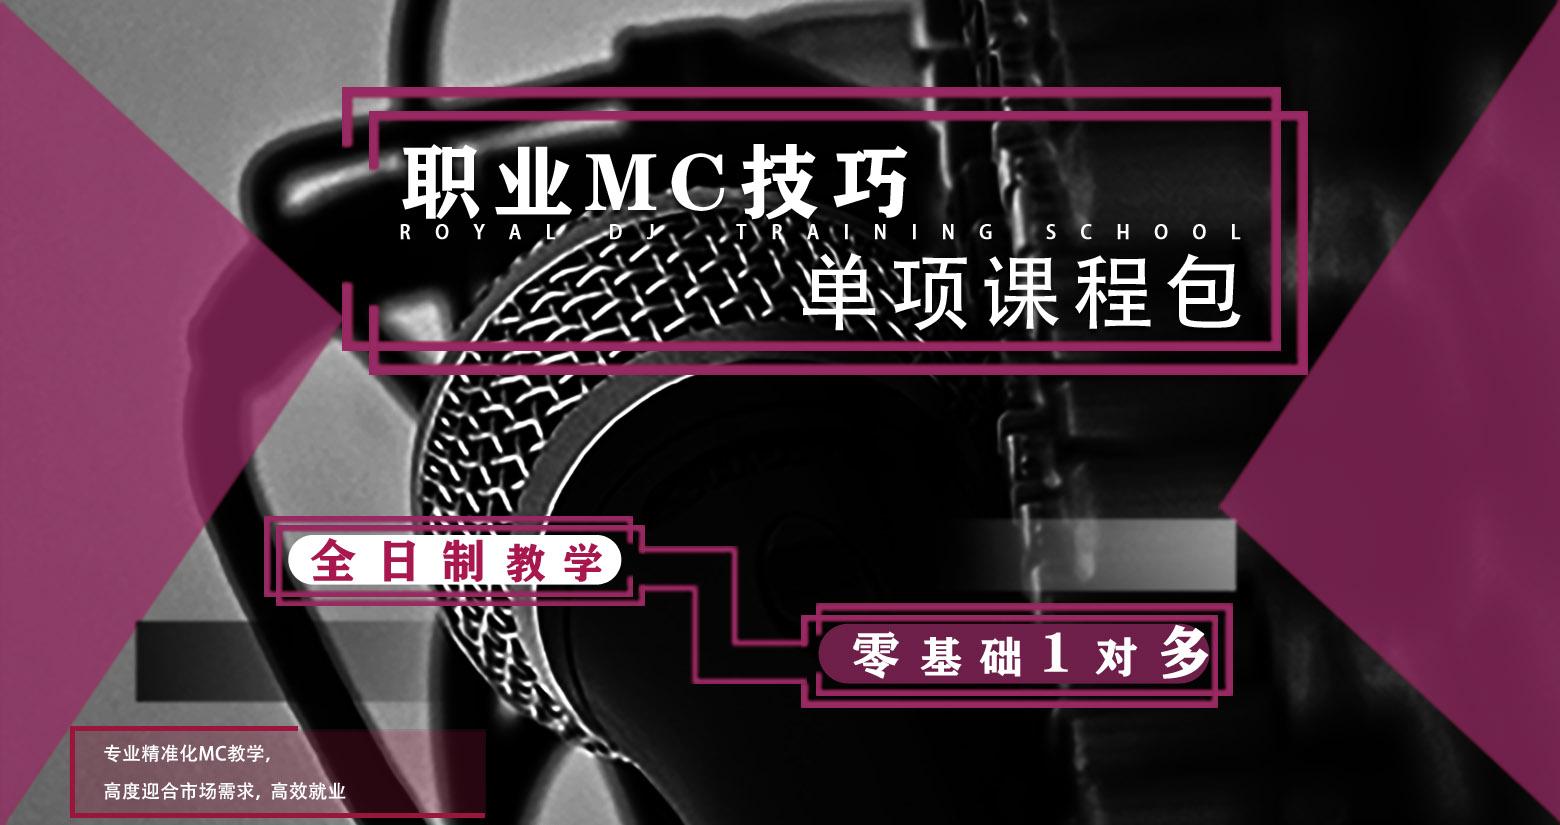 royal DJ 厂牌 MC技巧终极认证课程包